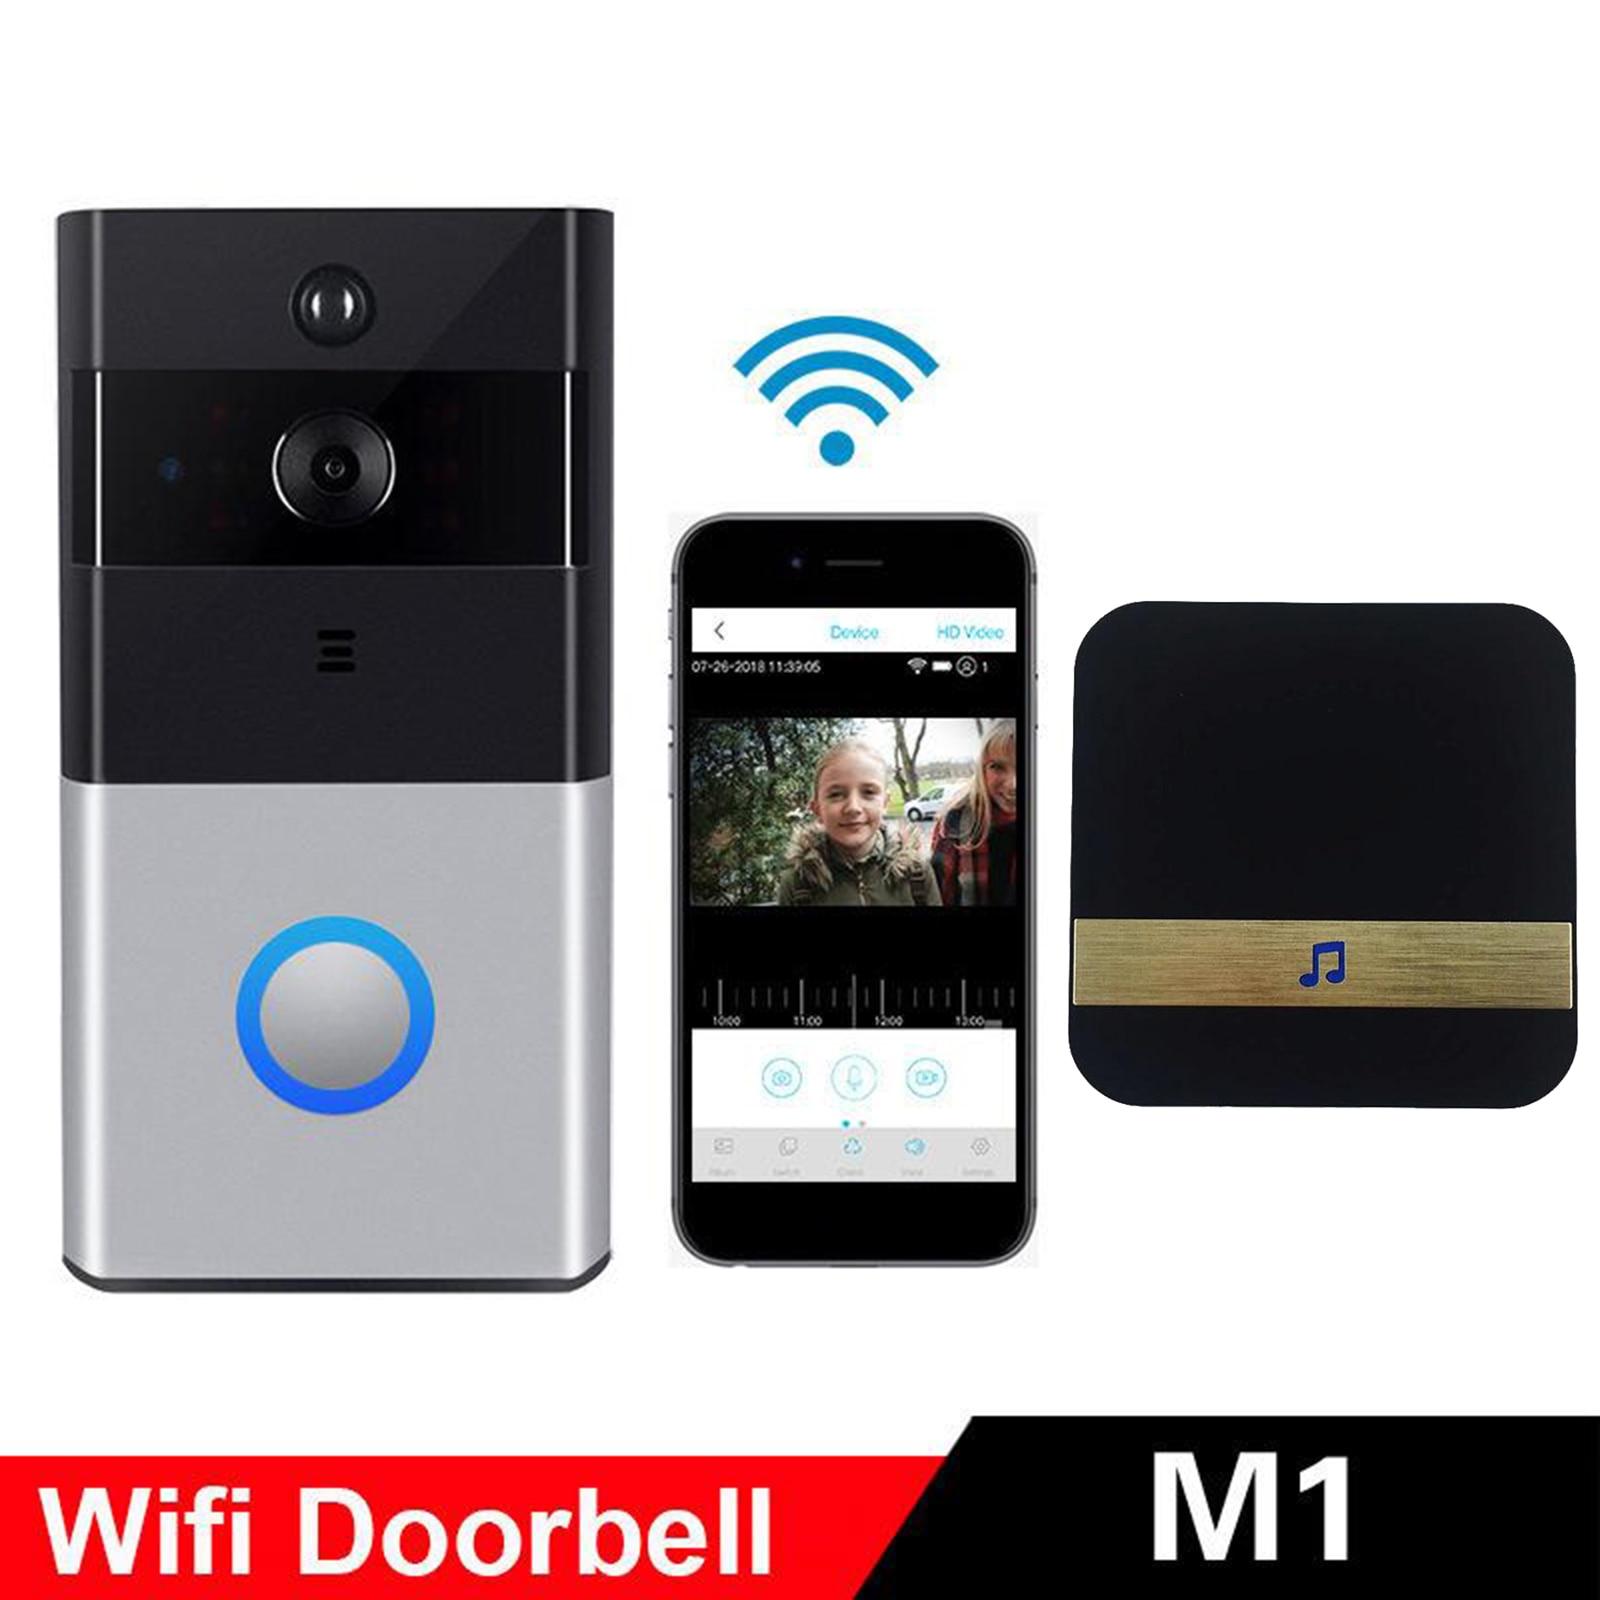 جرس باب لاسلكي ذكي مع حلقة WiFi ، وكاميرا فيديو ، والاتصال الداخلي لأمن المنزل